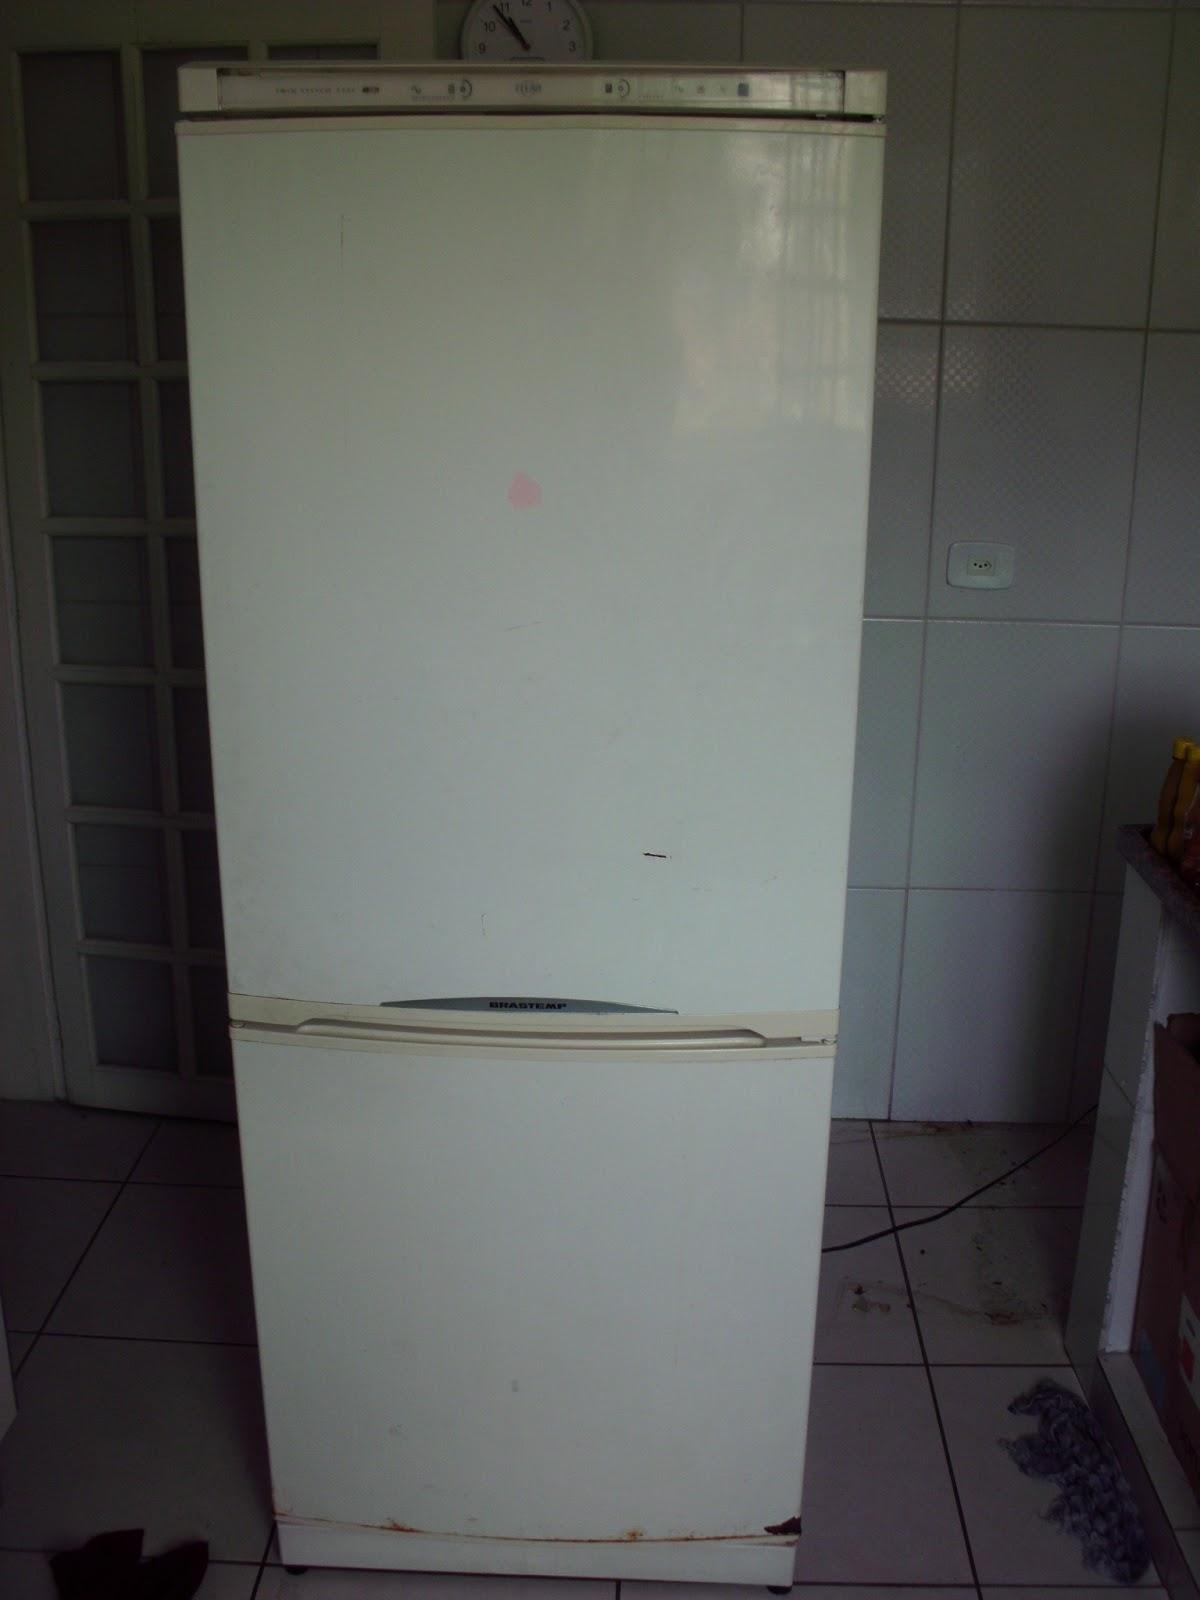 postado por envelopamento de geladeiras novas de novo s 1624